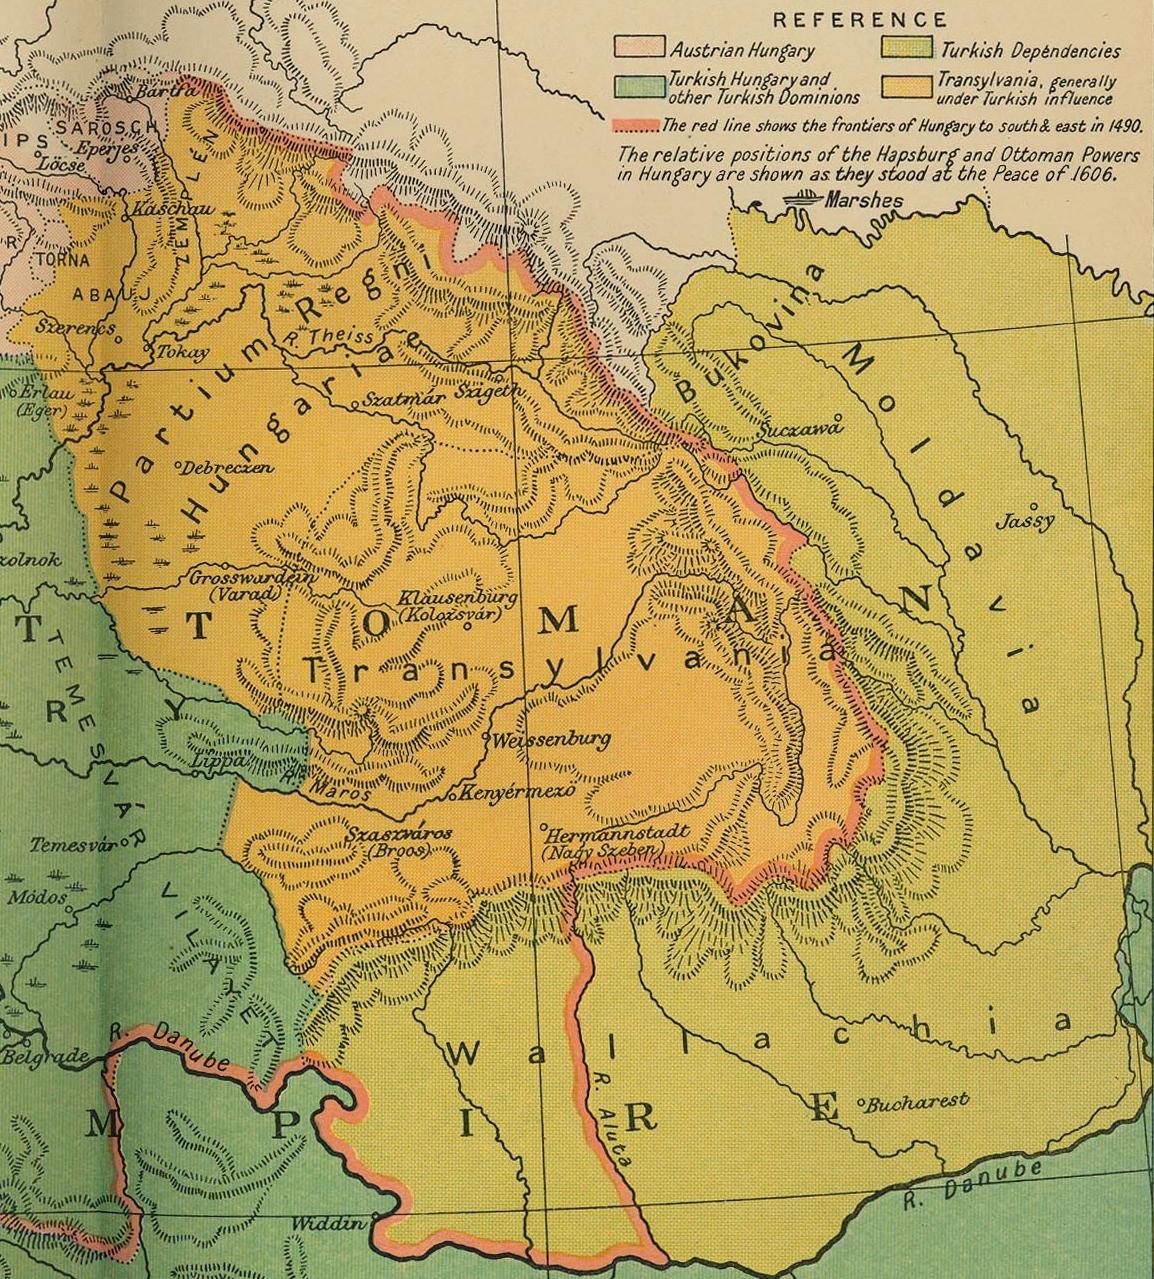 1606_map_Ward_1912.jpg